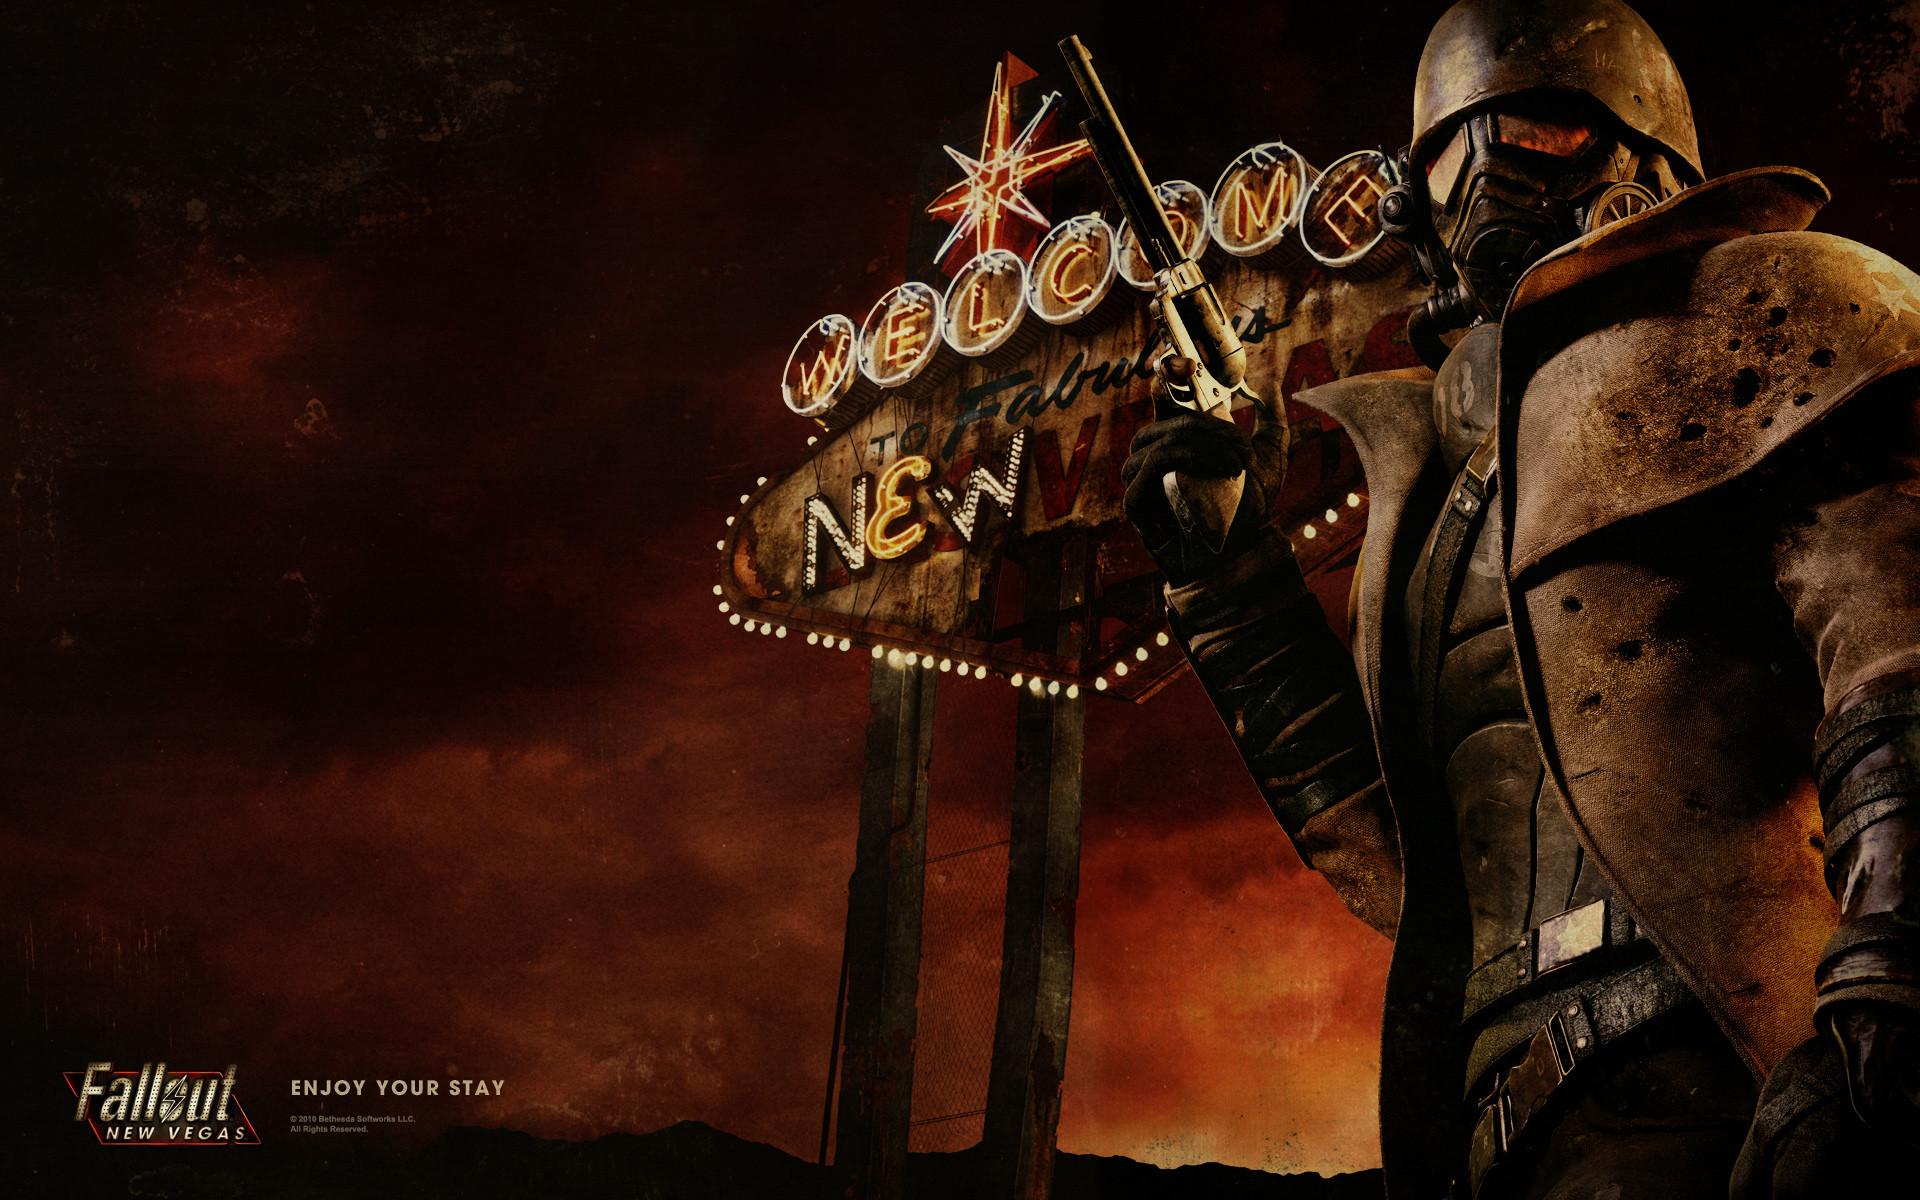 Fallout New Vegas Wallpaper iPhone | HD Wallpapers | Pinterest | Fallout,  Hd desktop and Wallpaper